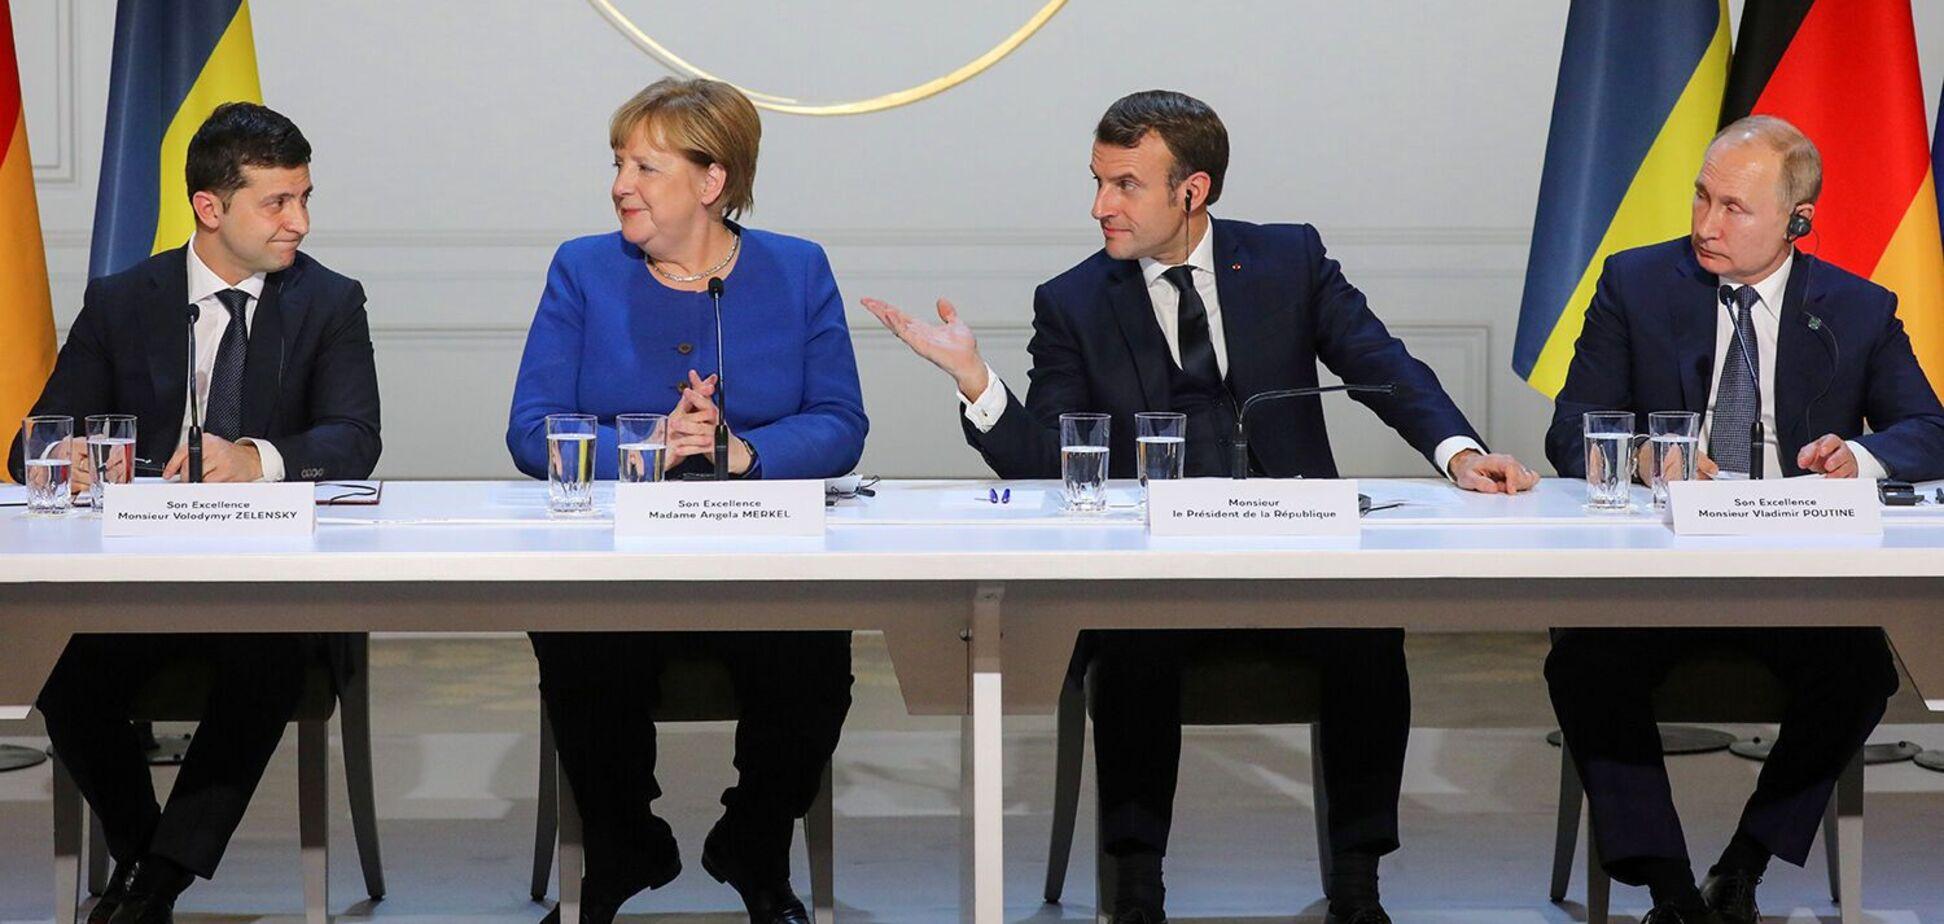 9 декабря в Париже прошли переговоры в нормандском формате